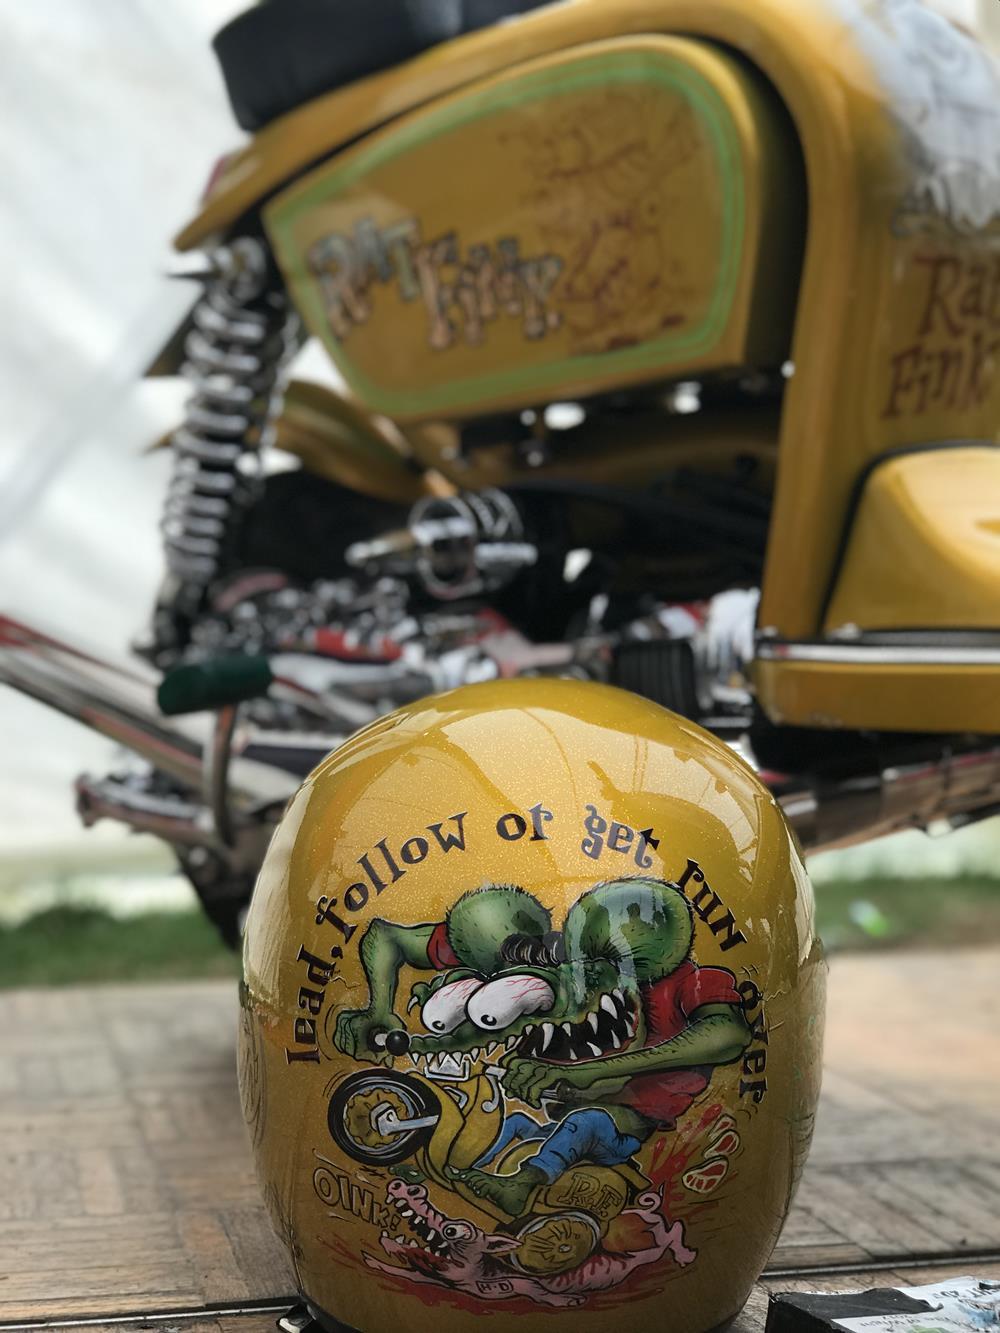 Ratfink murals on matching scooter and crash helmet